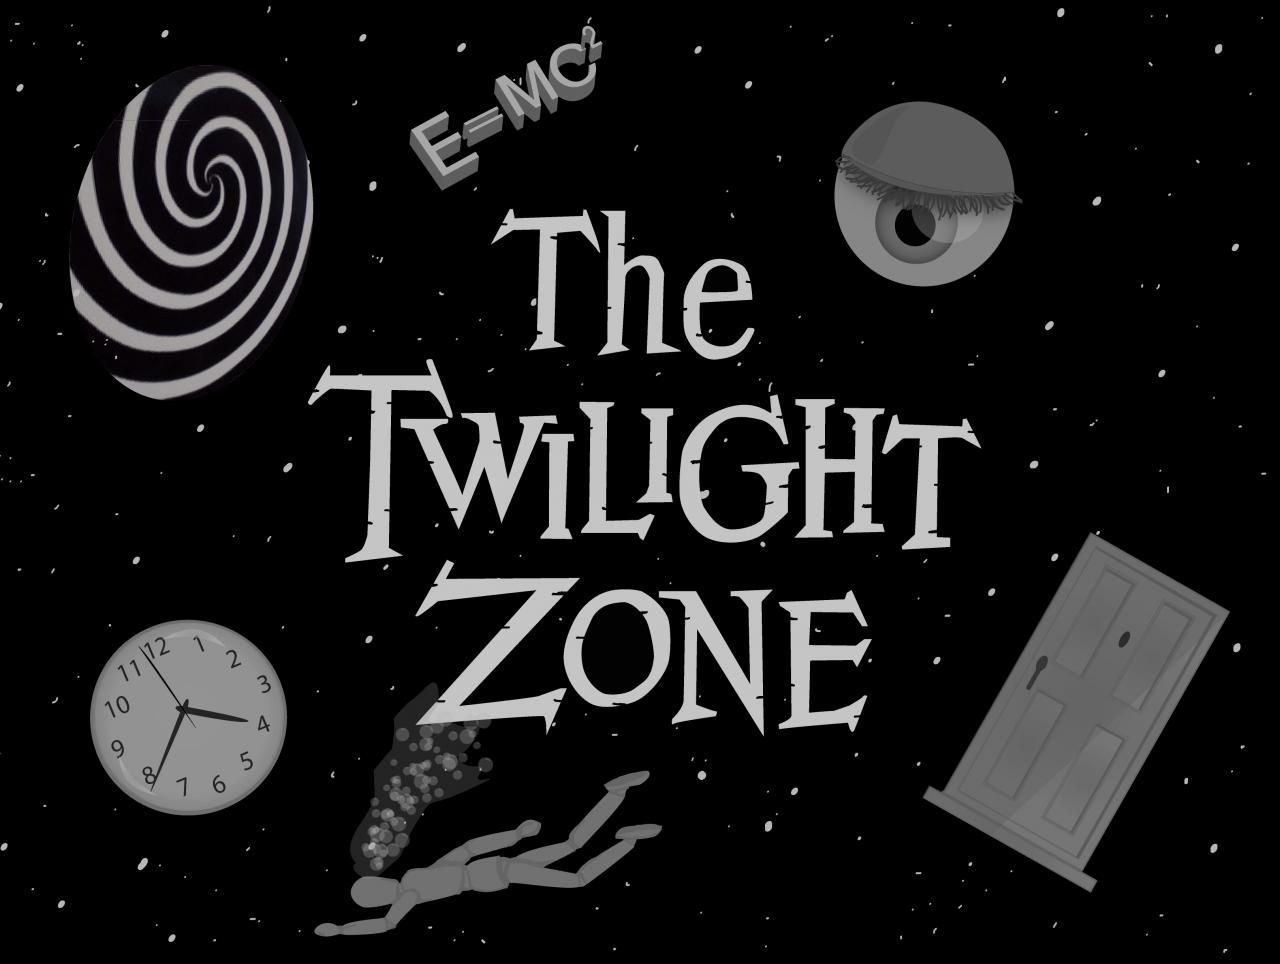 Сумеречная зона, The Twilight Zone, сериал, ремейк, перезапуск, ребут, новая версия, фантастика, фэнтези, ужасы, мистика